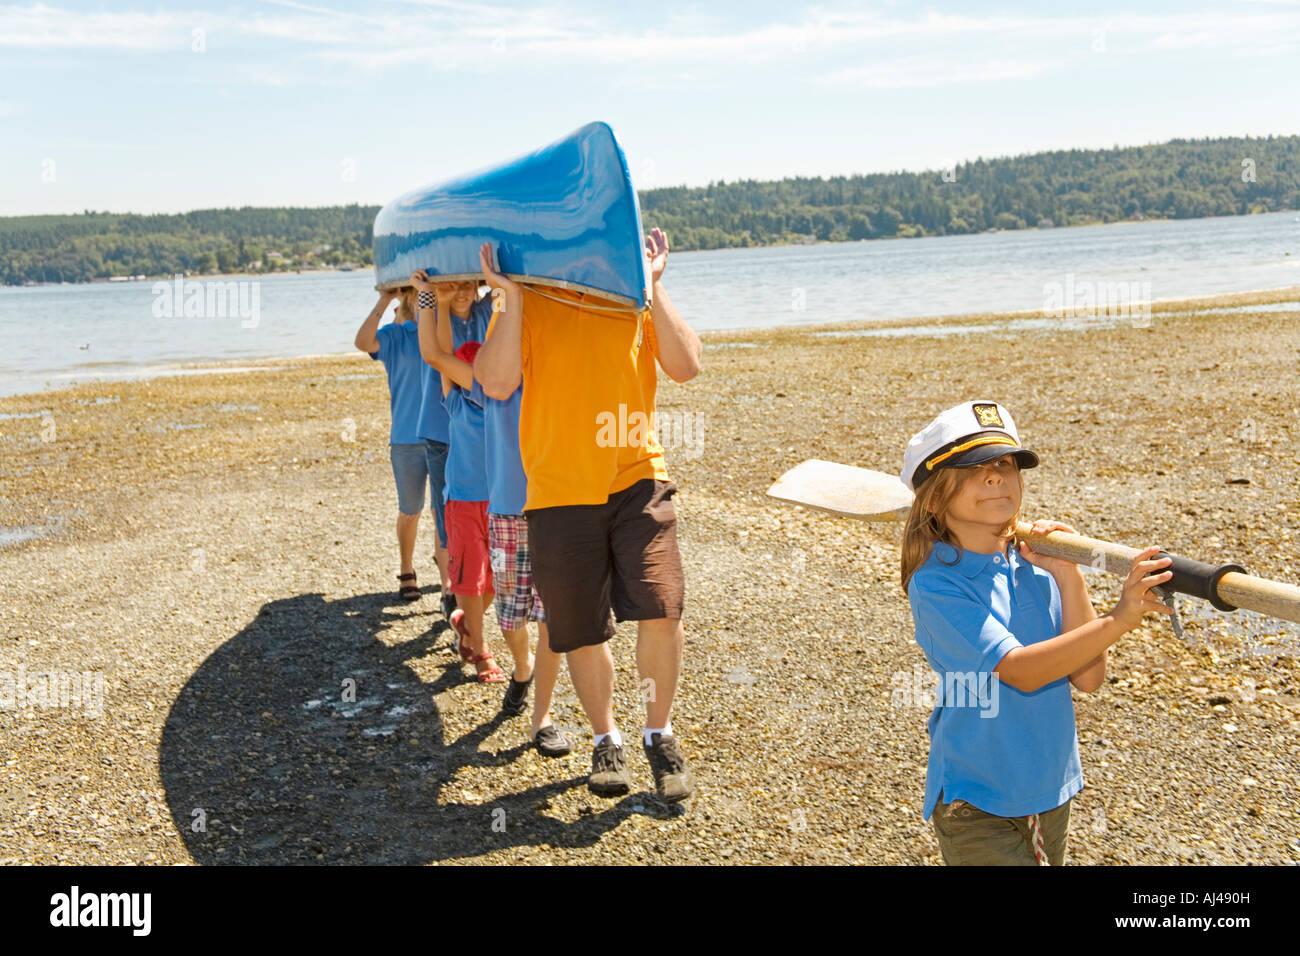 Holding Canoe Stock Photos Amp Holding Canoe Stock Images